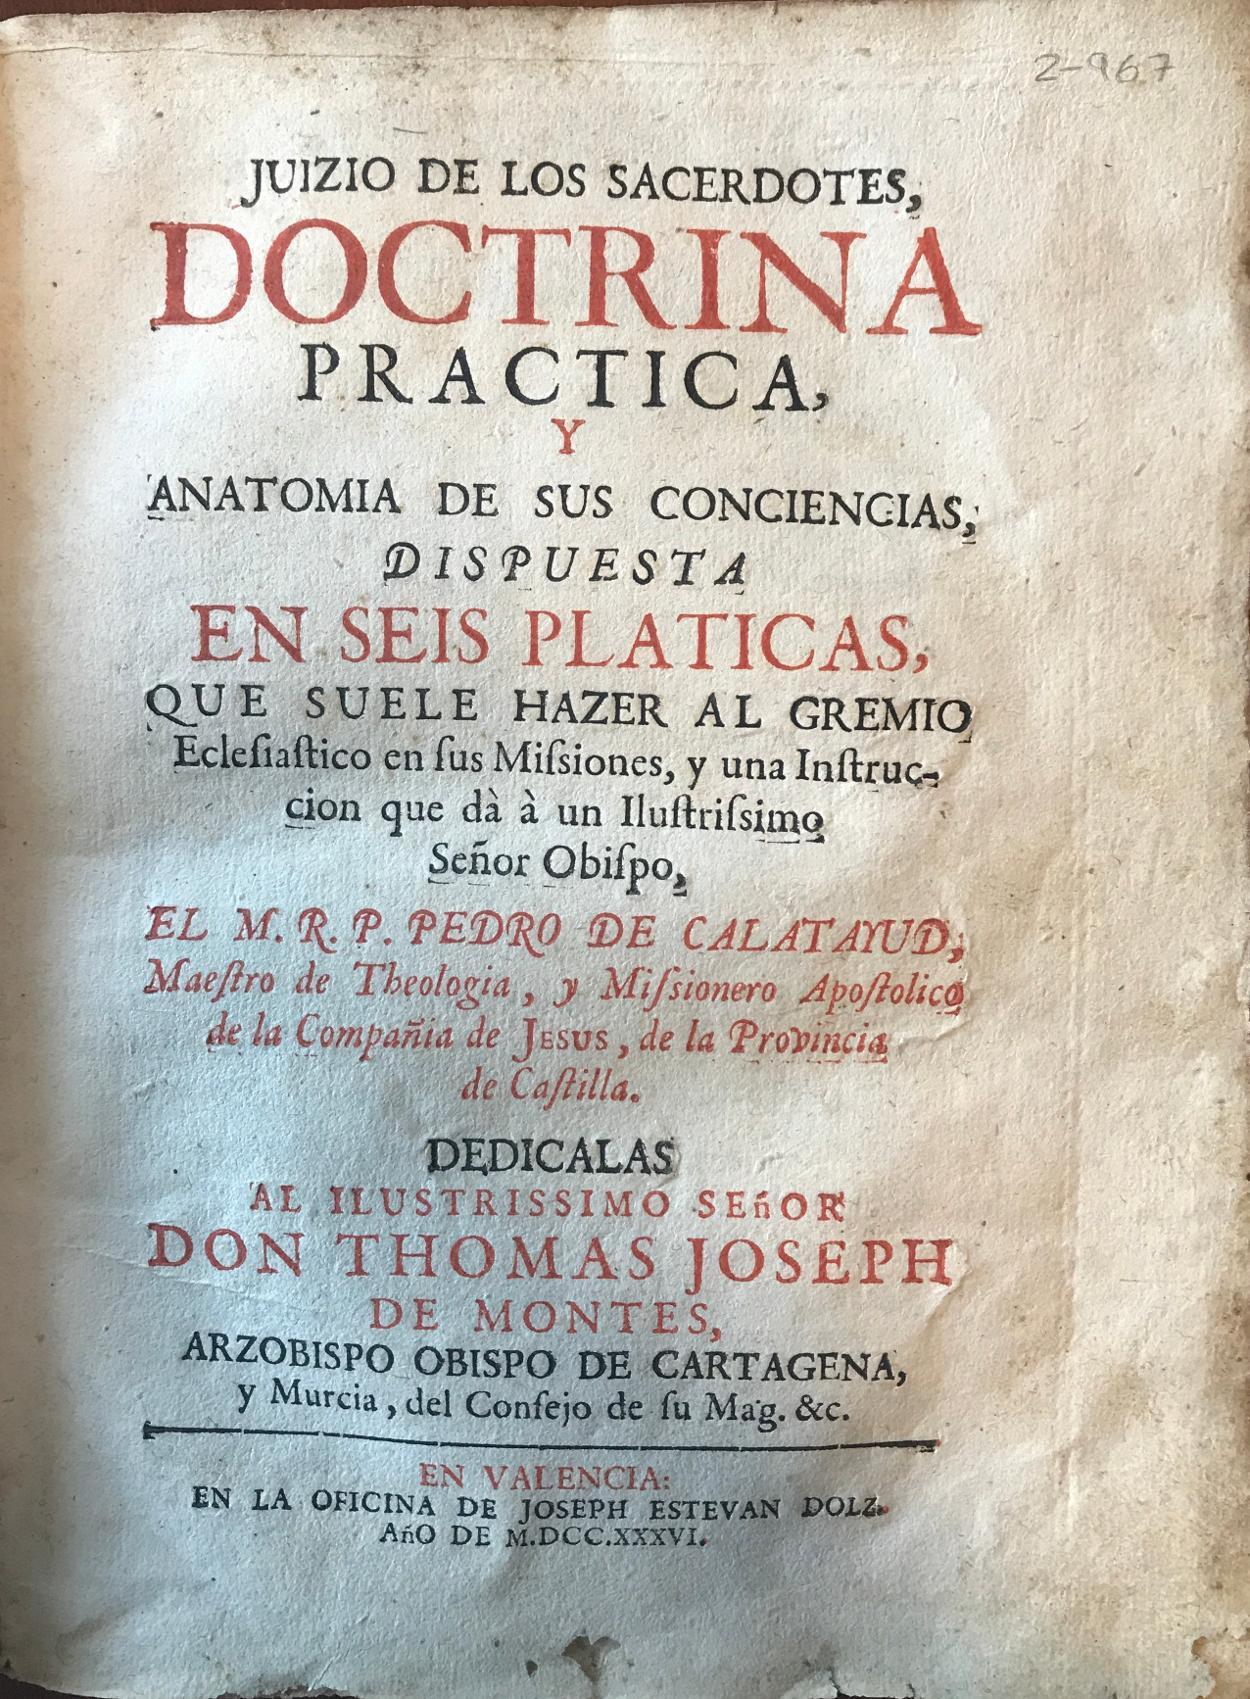 Juizio de los sacerdotes : doctrina practica y anatomia de sus conciencias, 1736